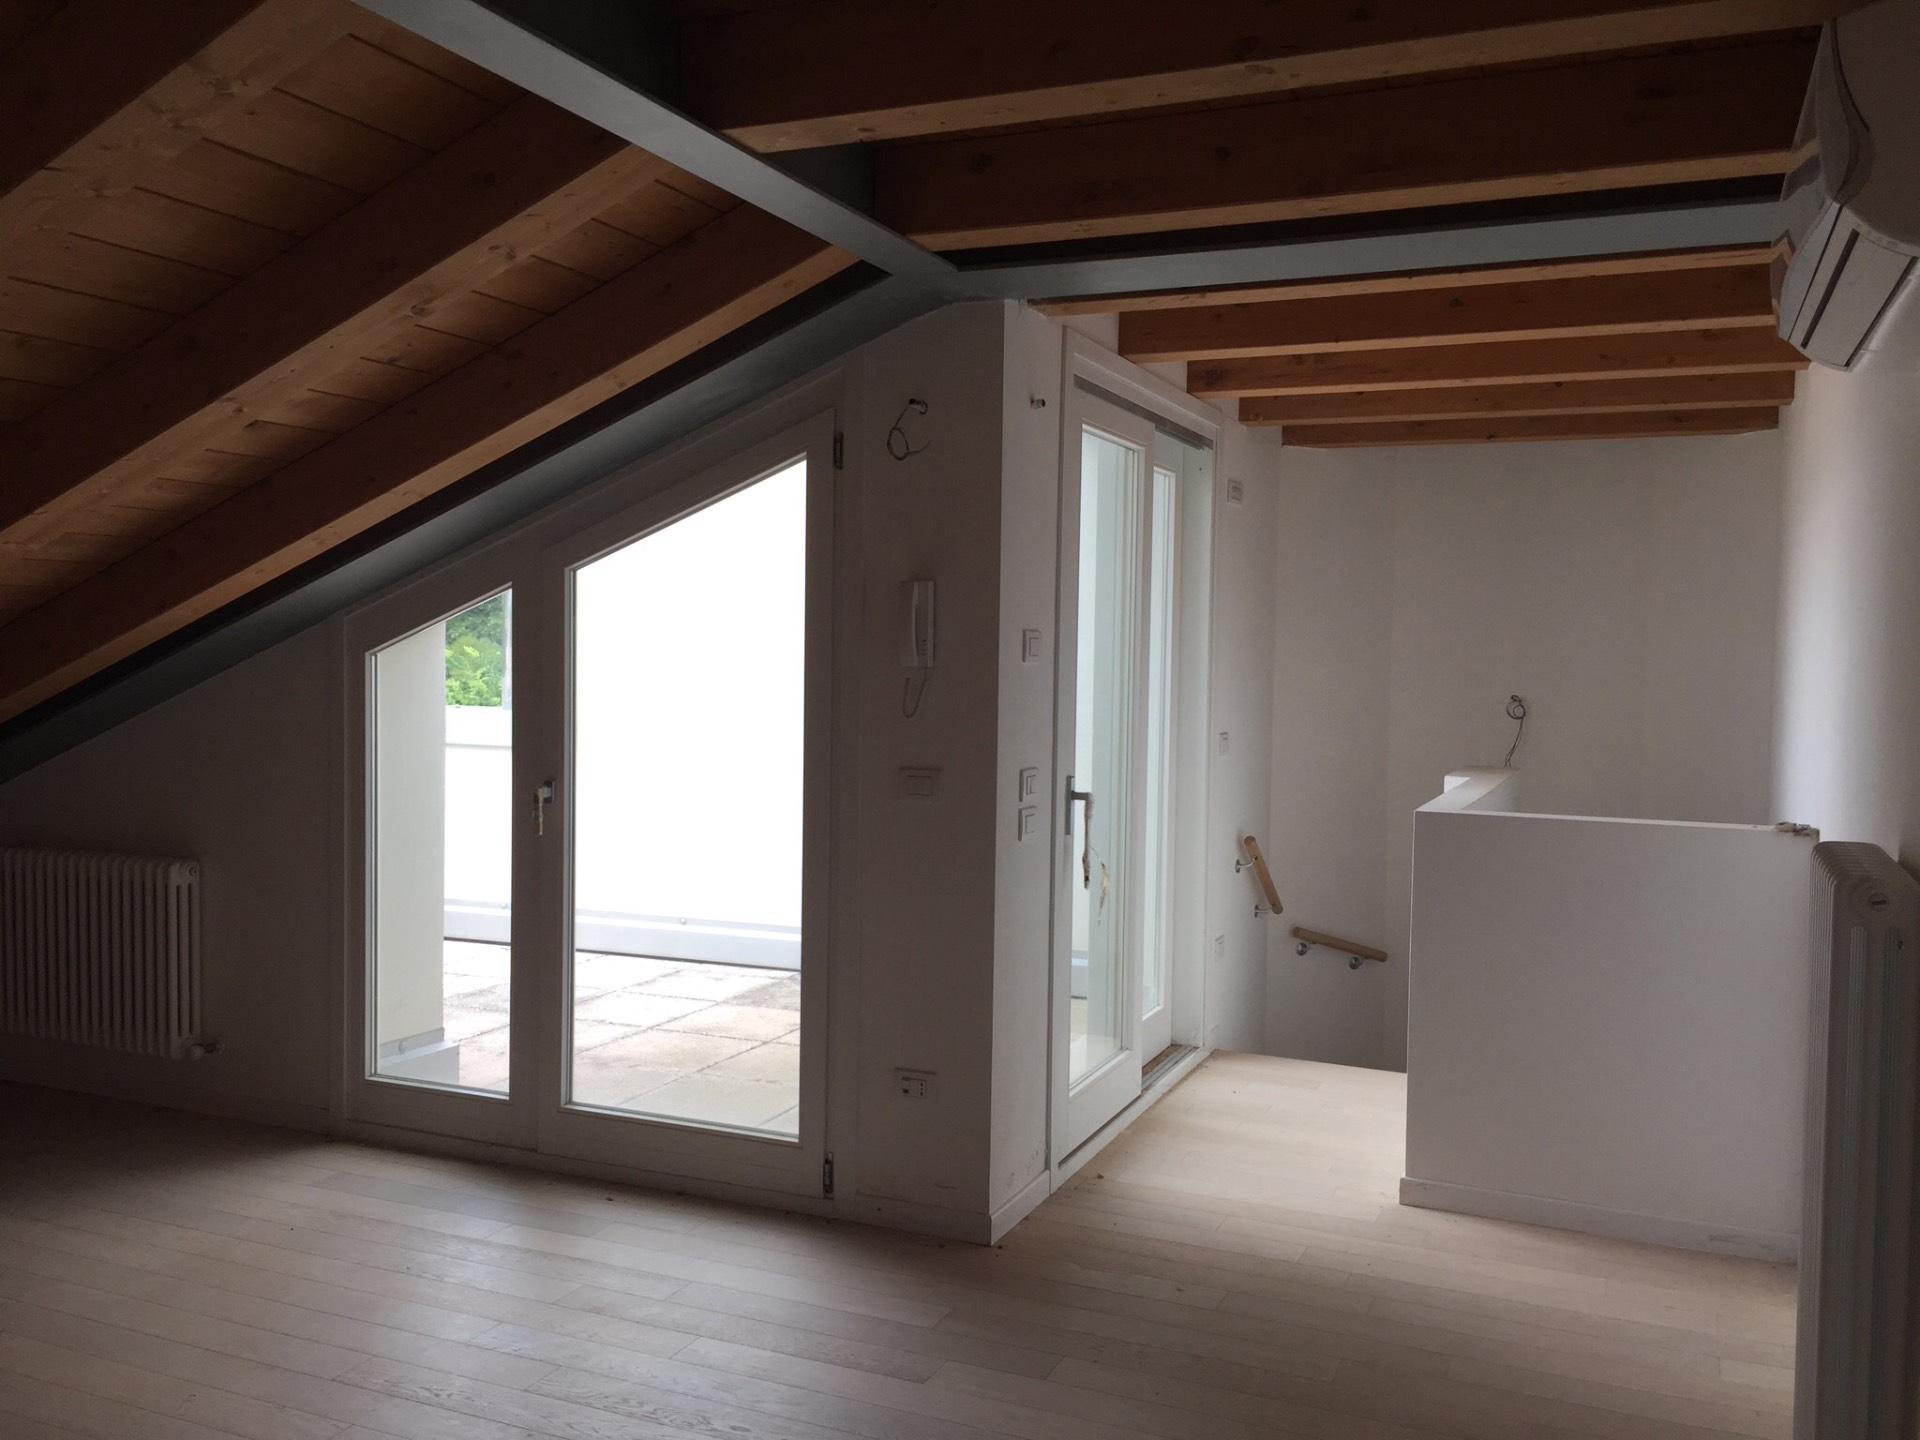 Appartamento in vendita a Villorba, 6 locali, zona Zona: Fontane, prezzo € 284.000   CambioCasa.it